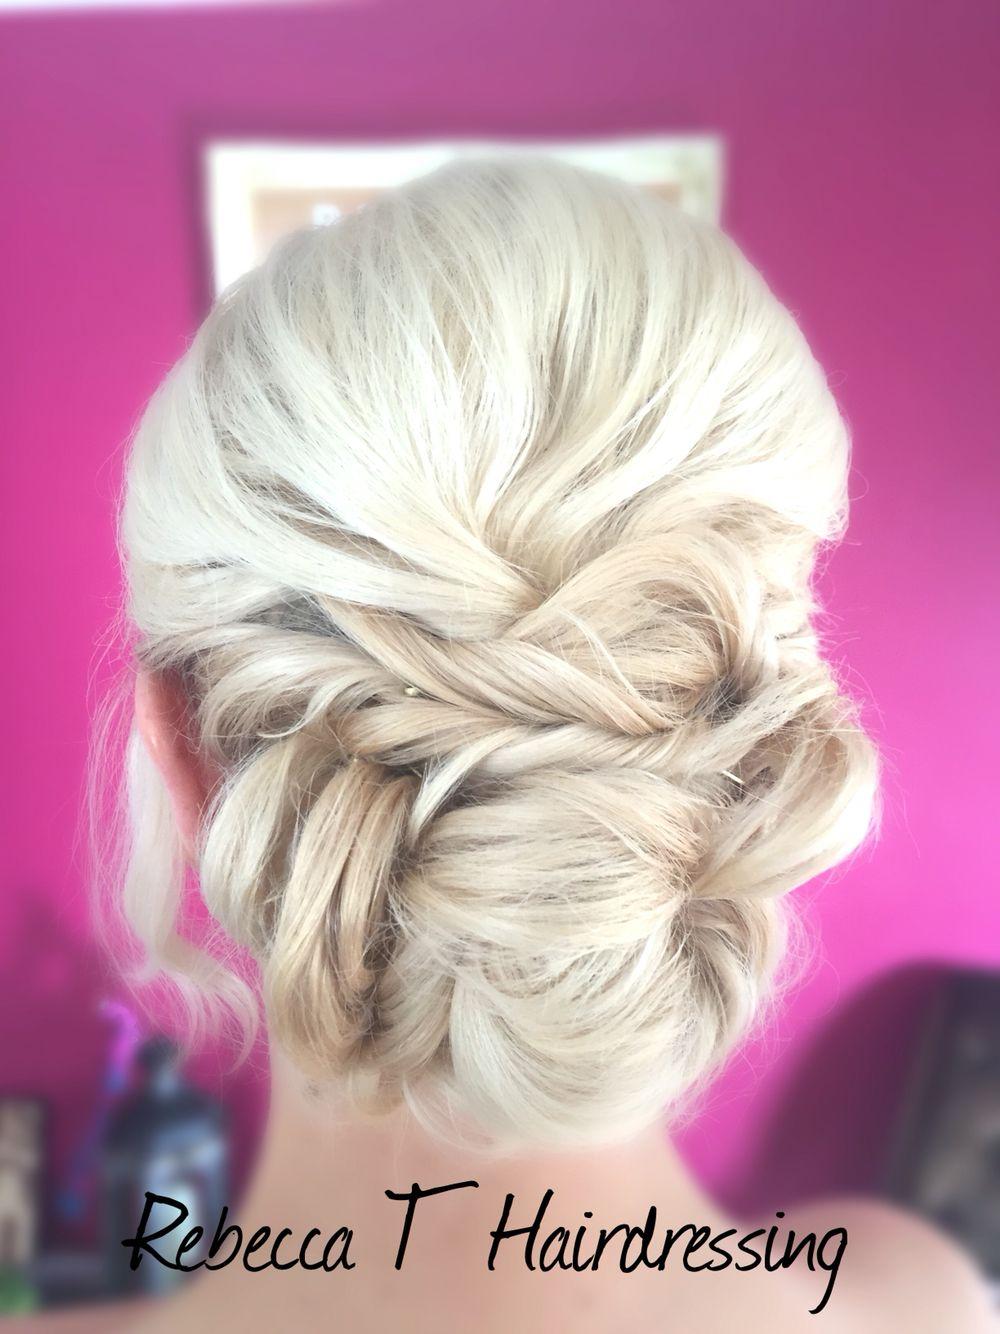 Bridal, bridesmaid, races, hair up. Updo. | Bridal hair | Pinterest ...